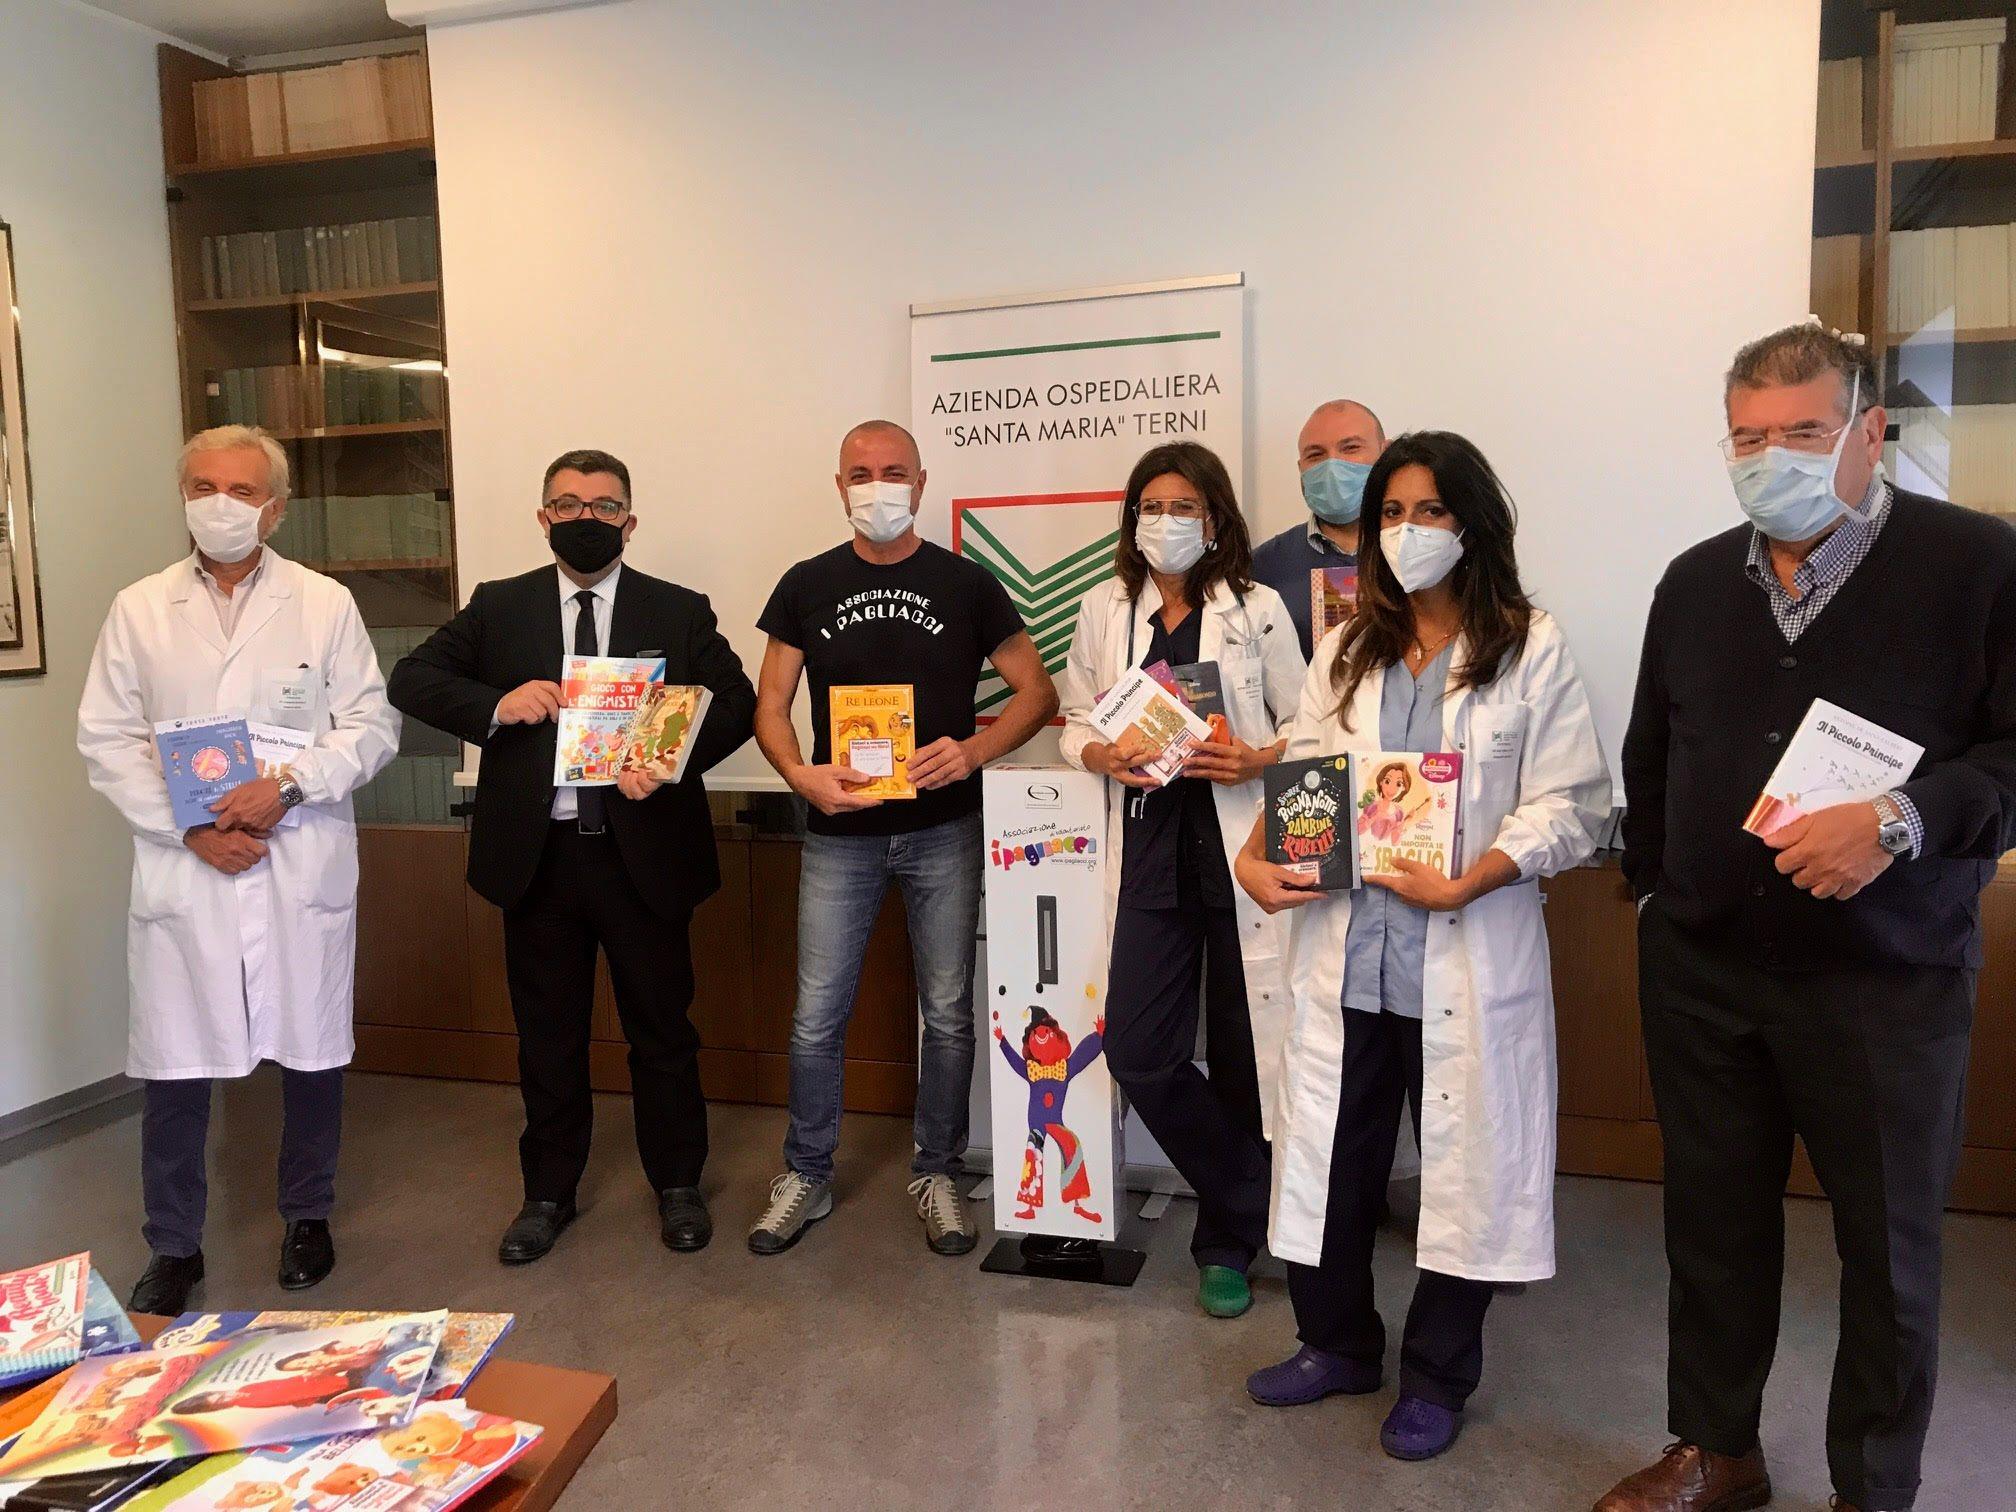 Donazione Libri Ospedale Terni